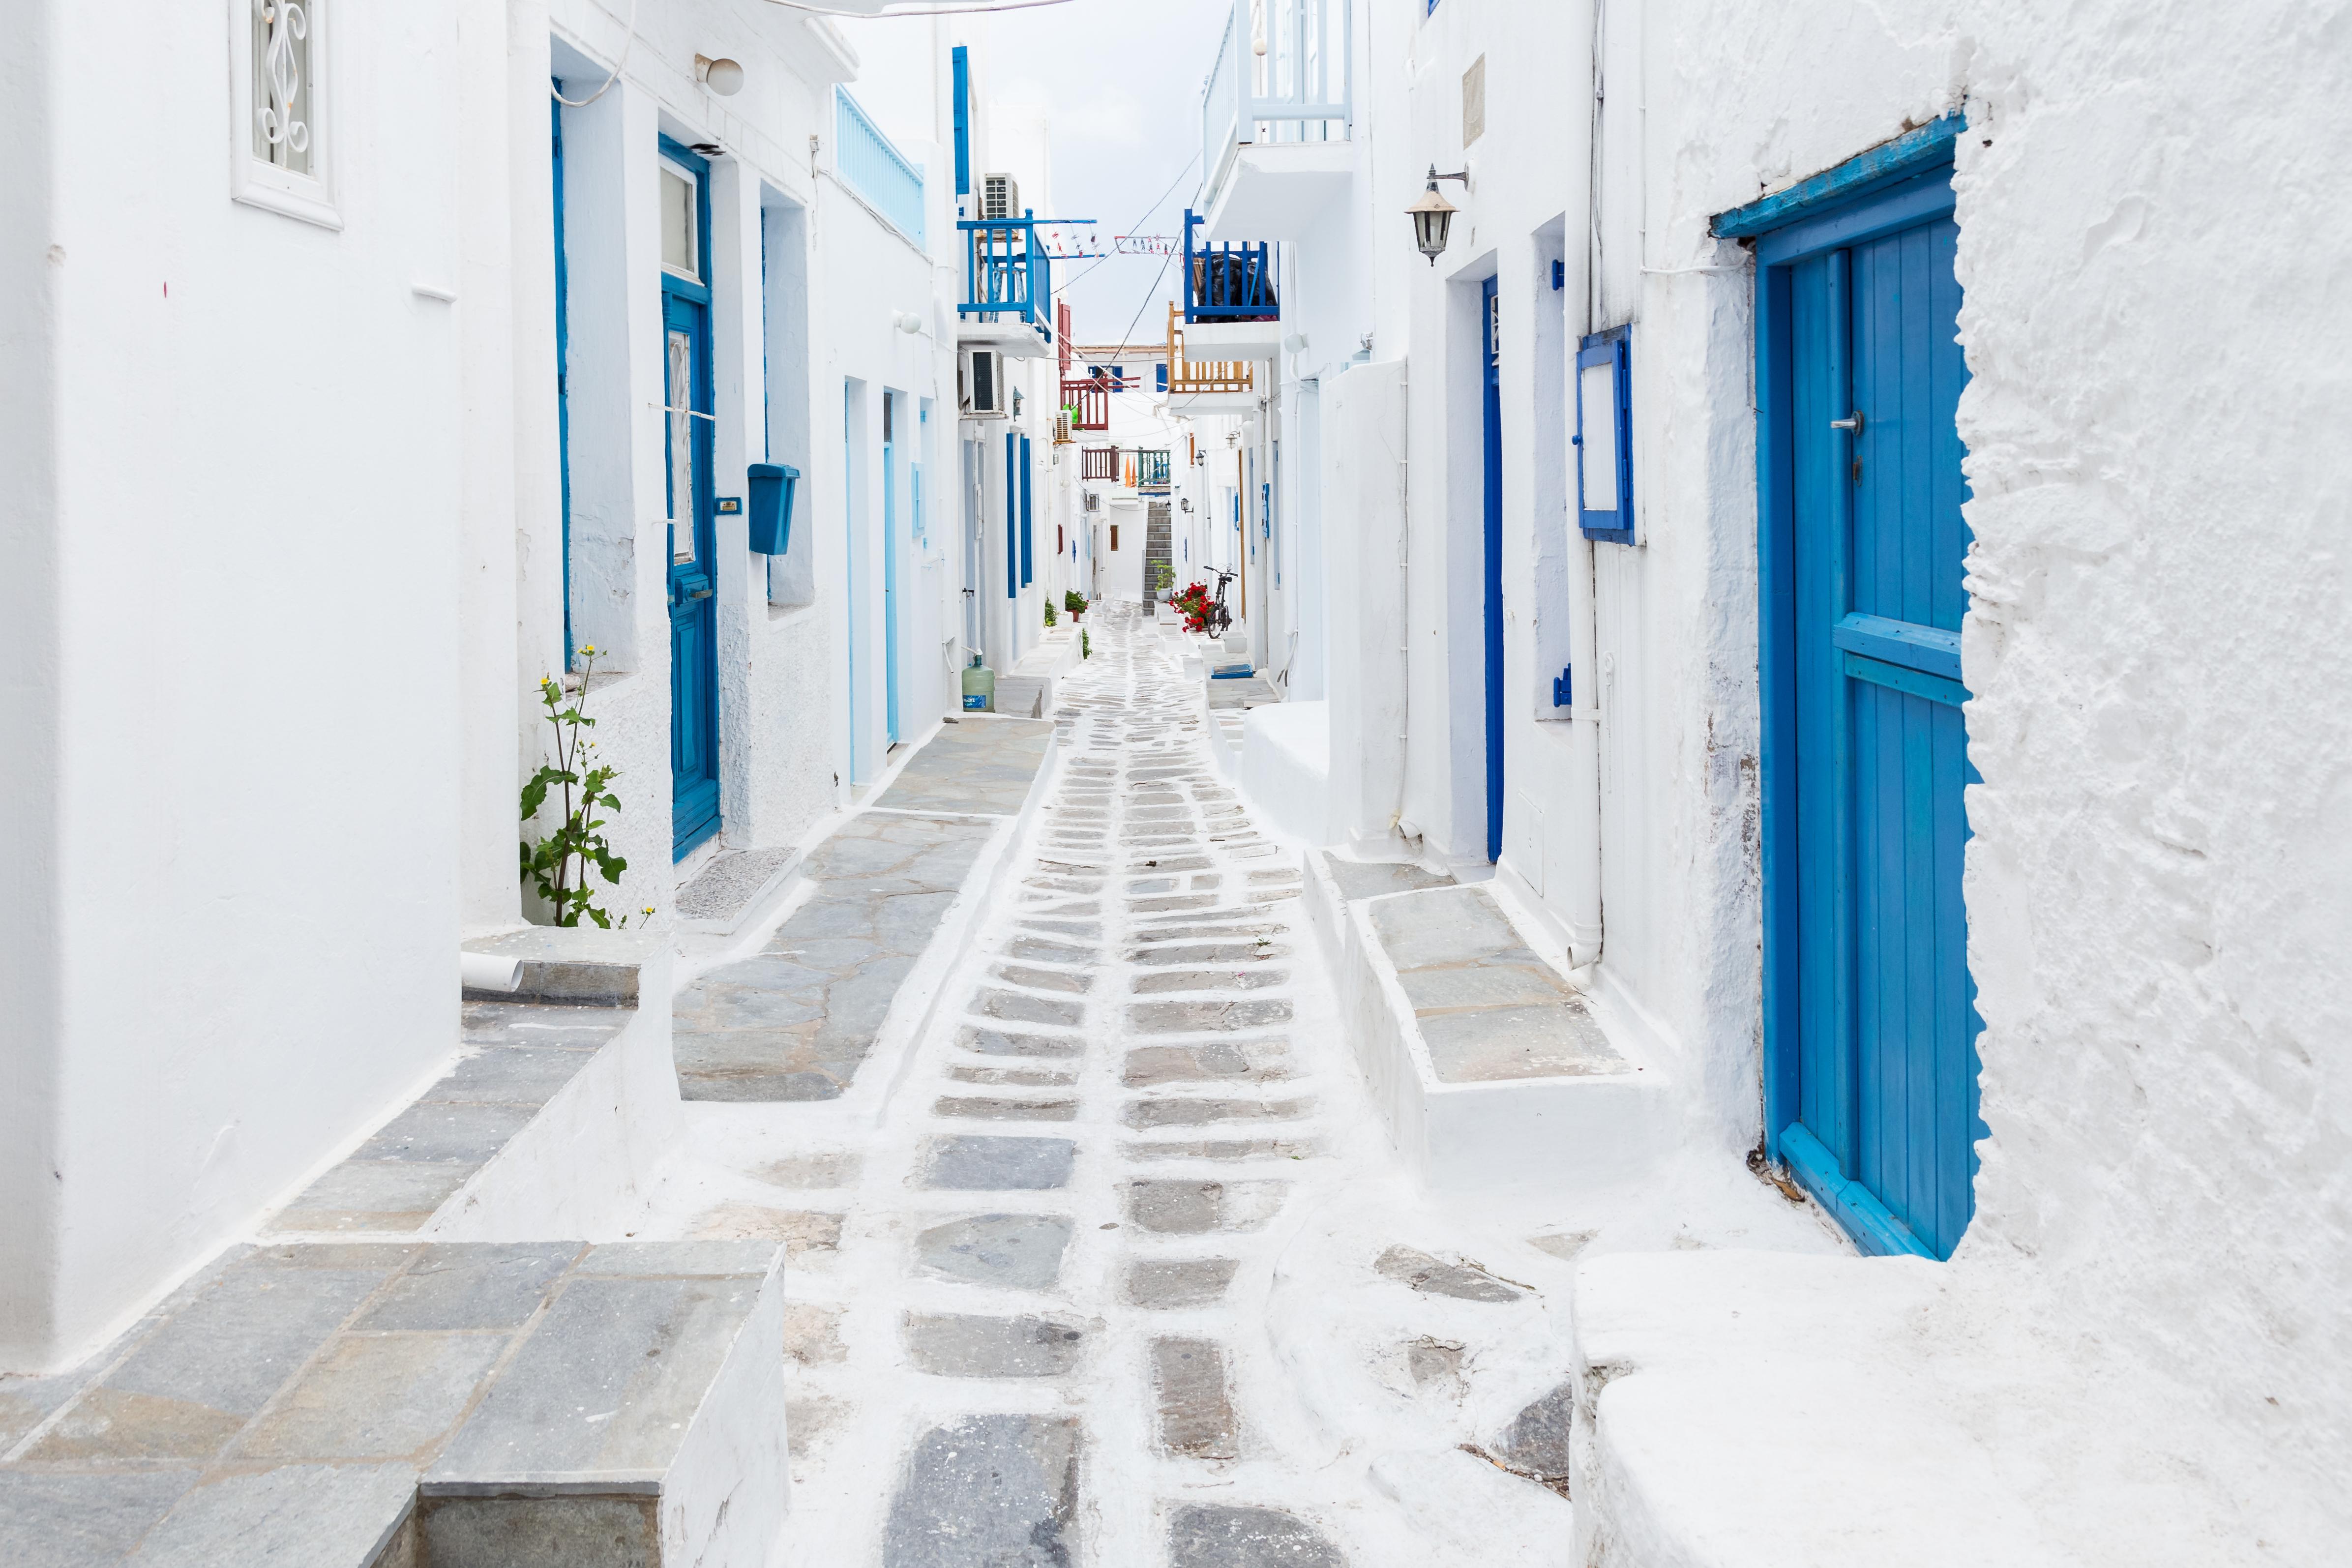 Una de las calles blancas de Chora en Mikonos